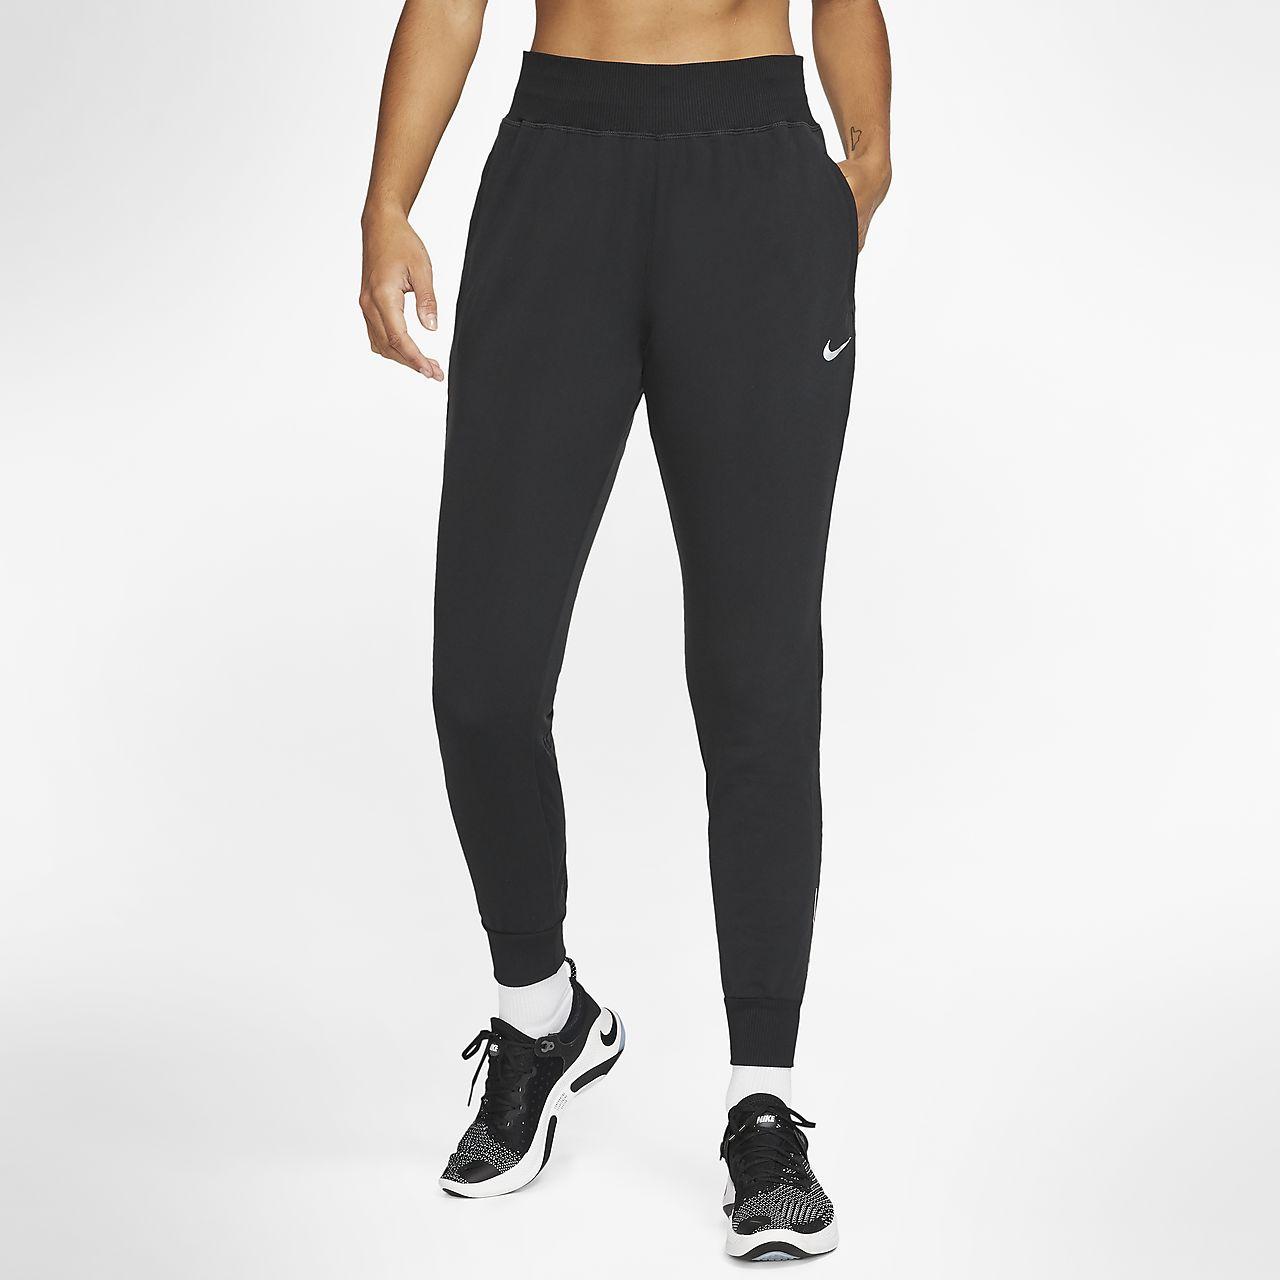 Pr Running Mujer Essential De Pantalones Nike Para vZBYR